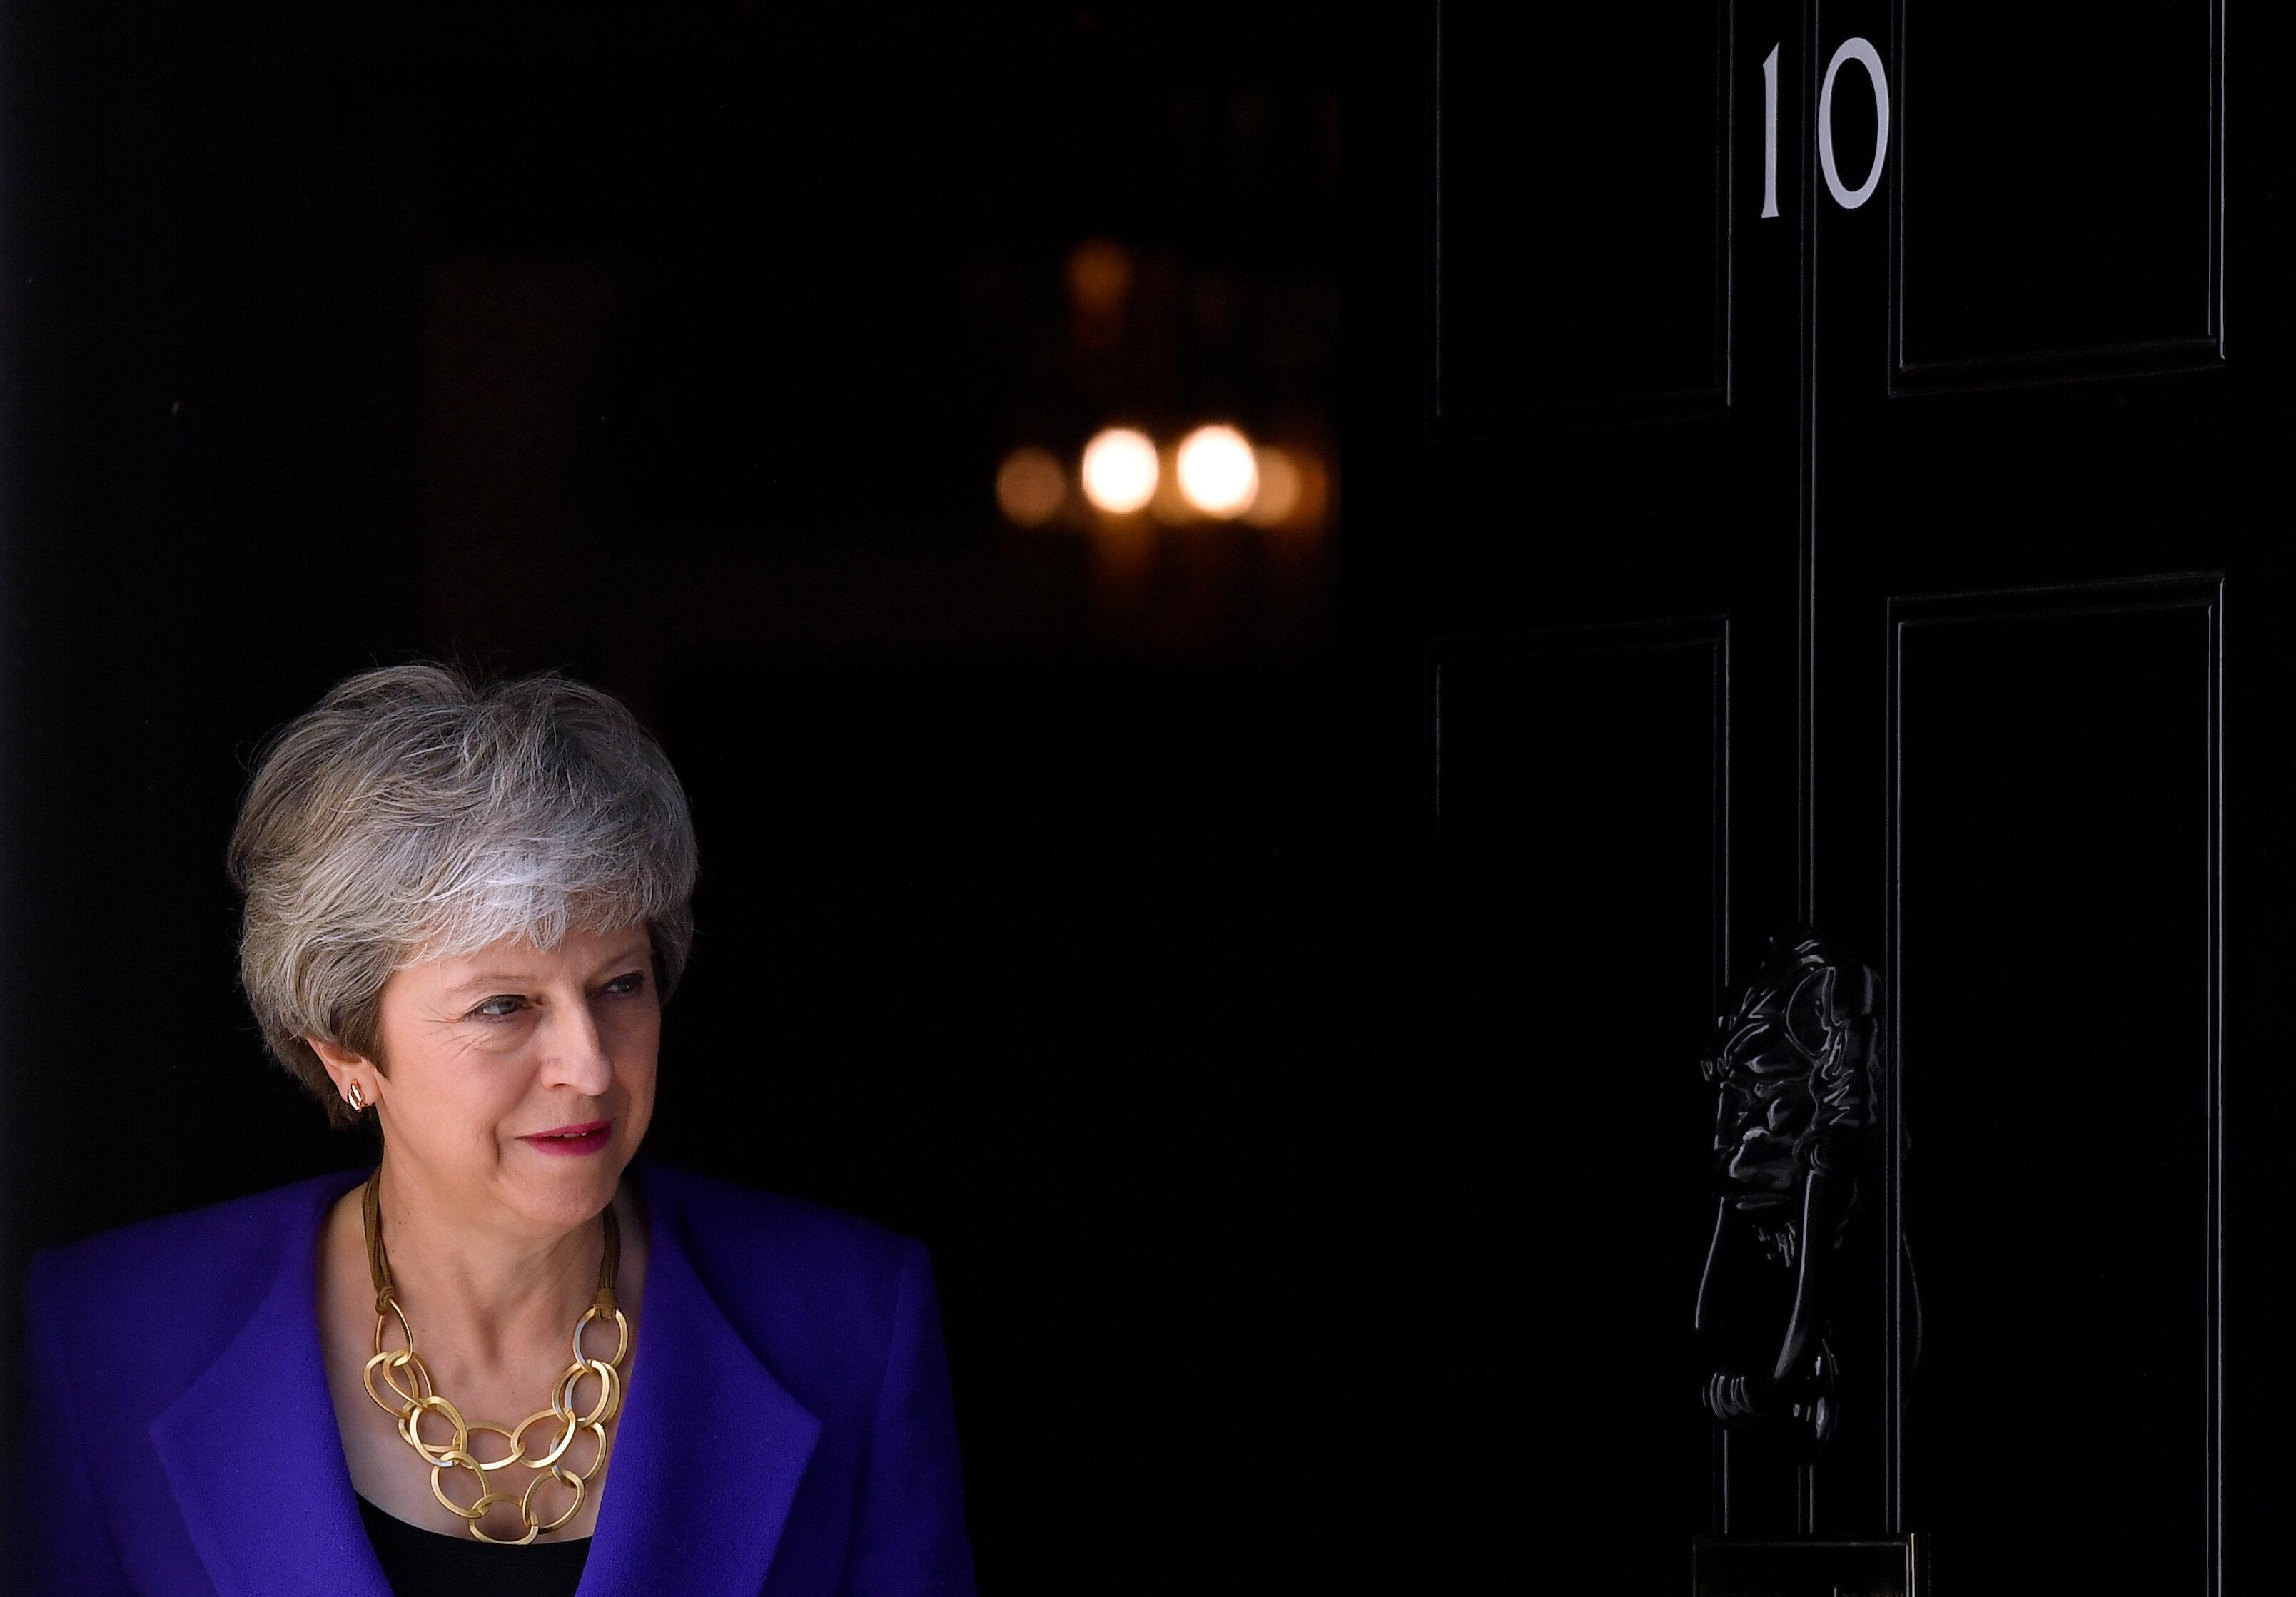 Il Regno Unito parteciperà alle Europee. Il vicepremier: